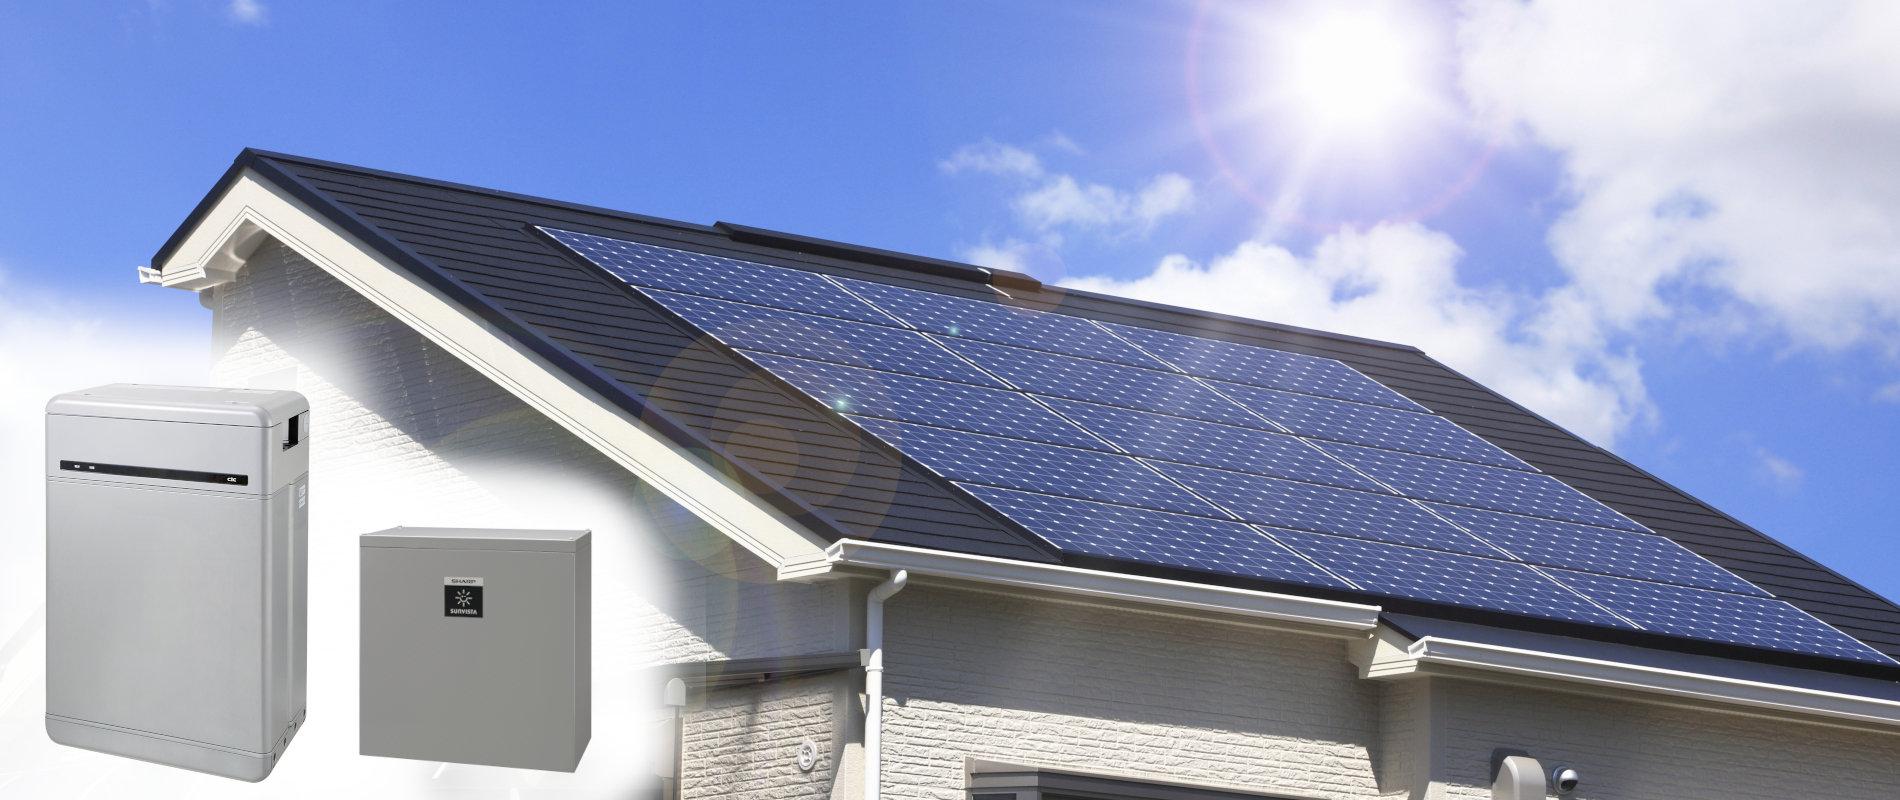 太陽光発電・蓄電池事業